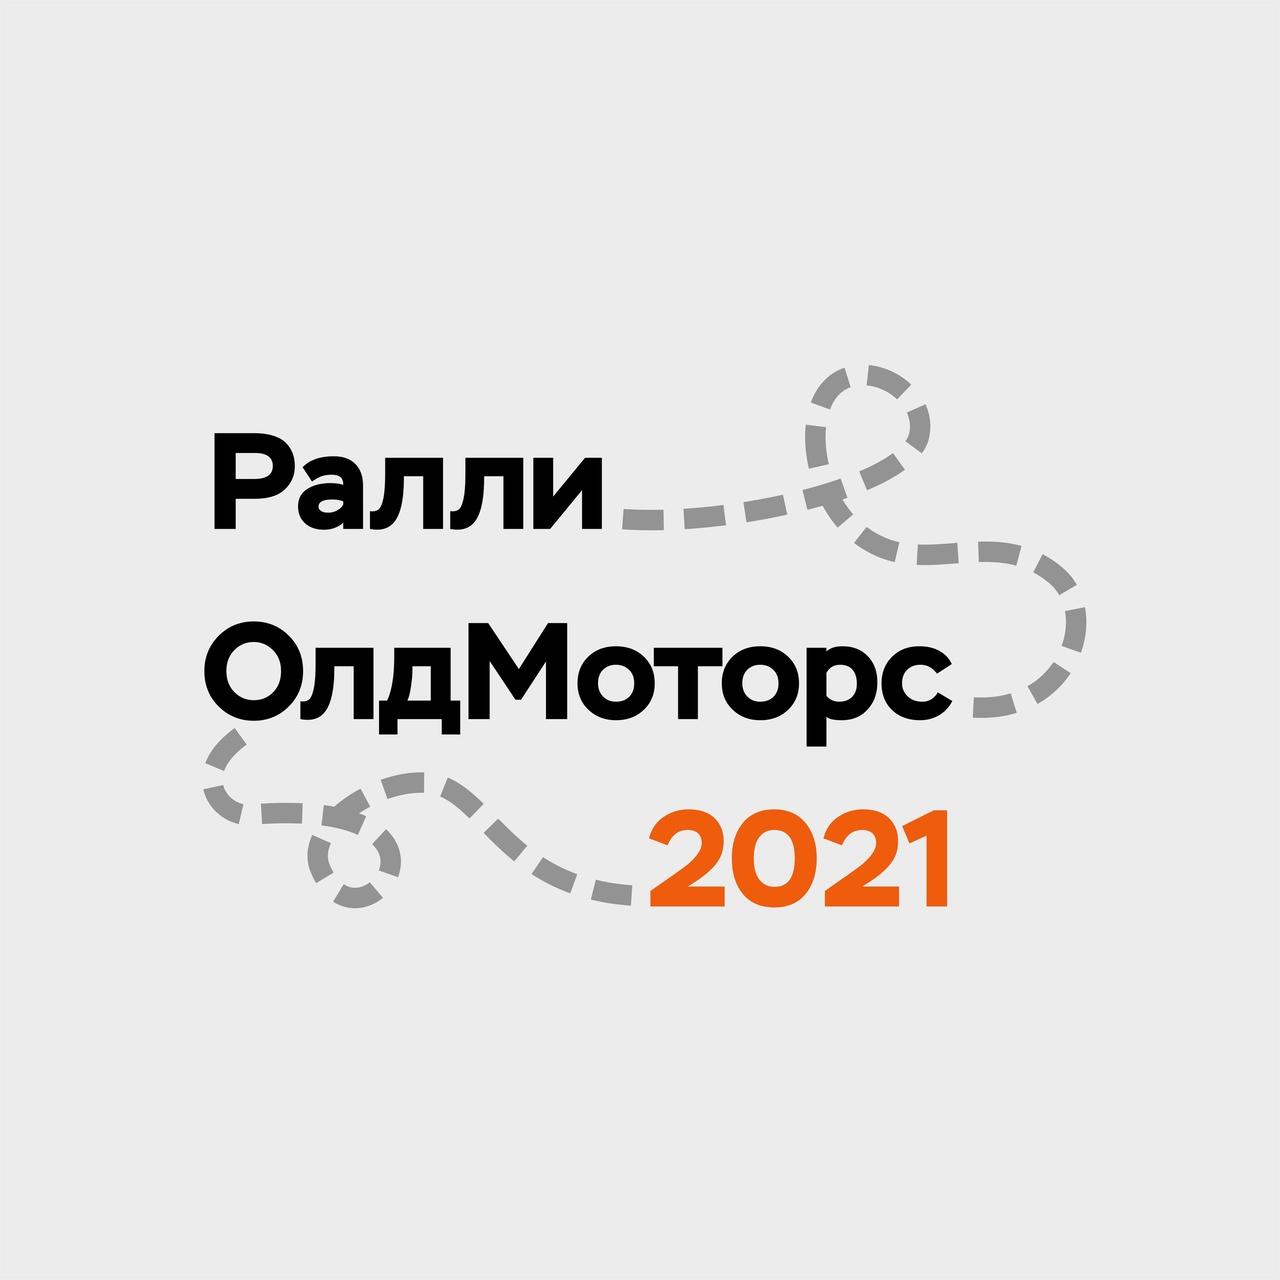 """13.06 Ралли Классических Автомобилей """"ОлдМоторс"""" 2021!"""